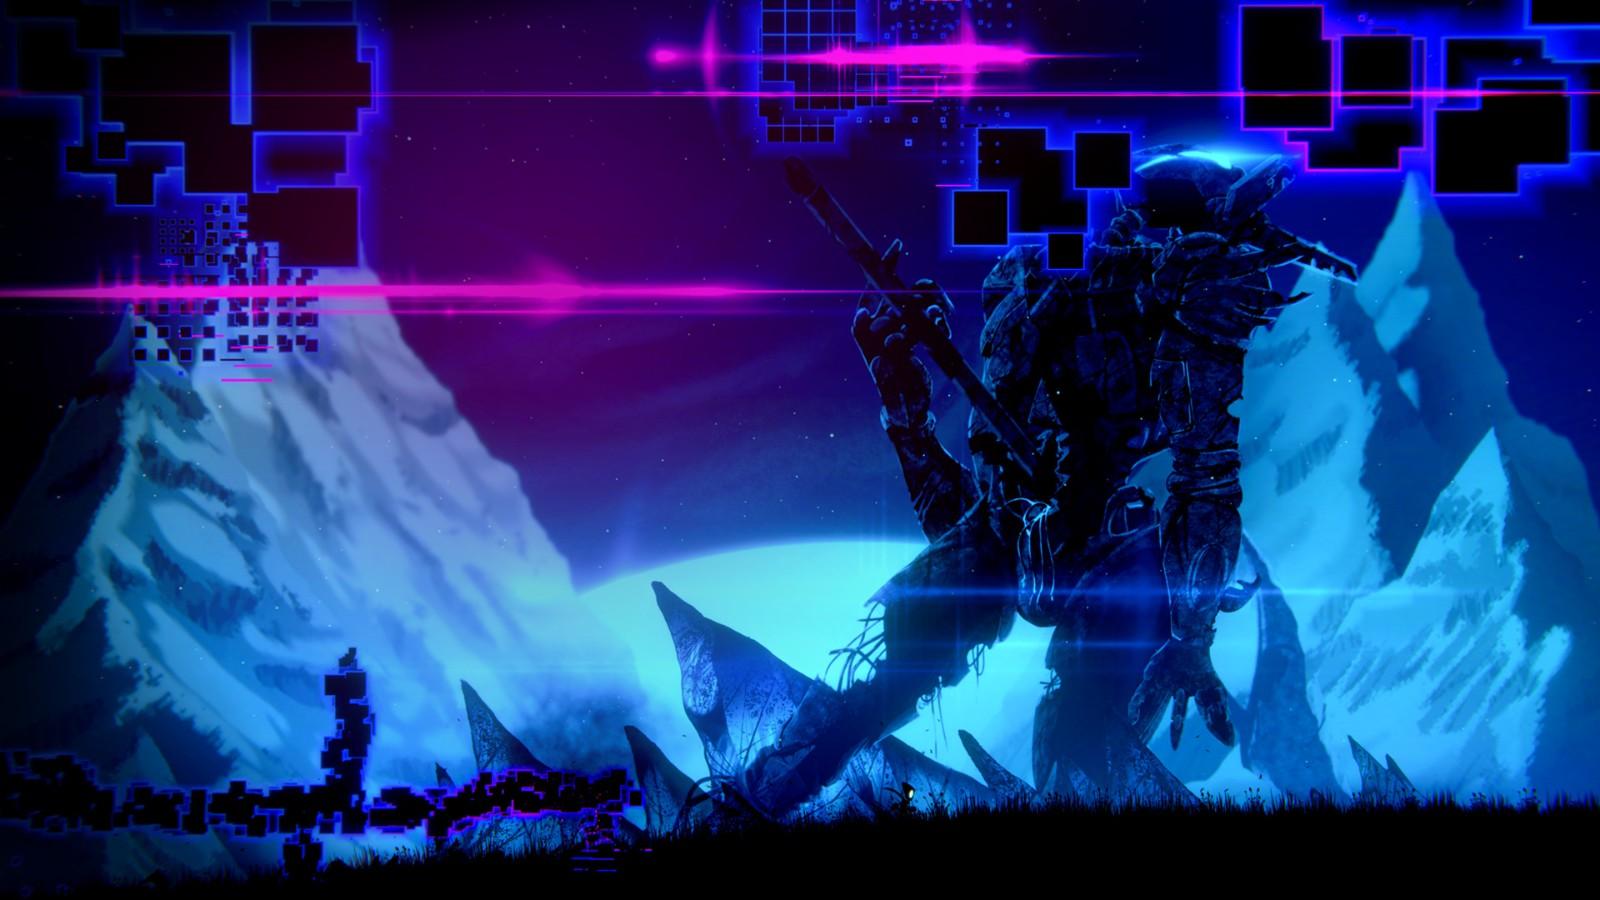 冒险游戏《Vesper》登陆Steam和GOG 发售特惠价63元截图